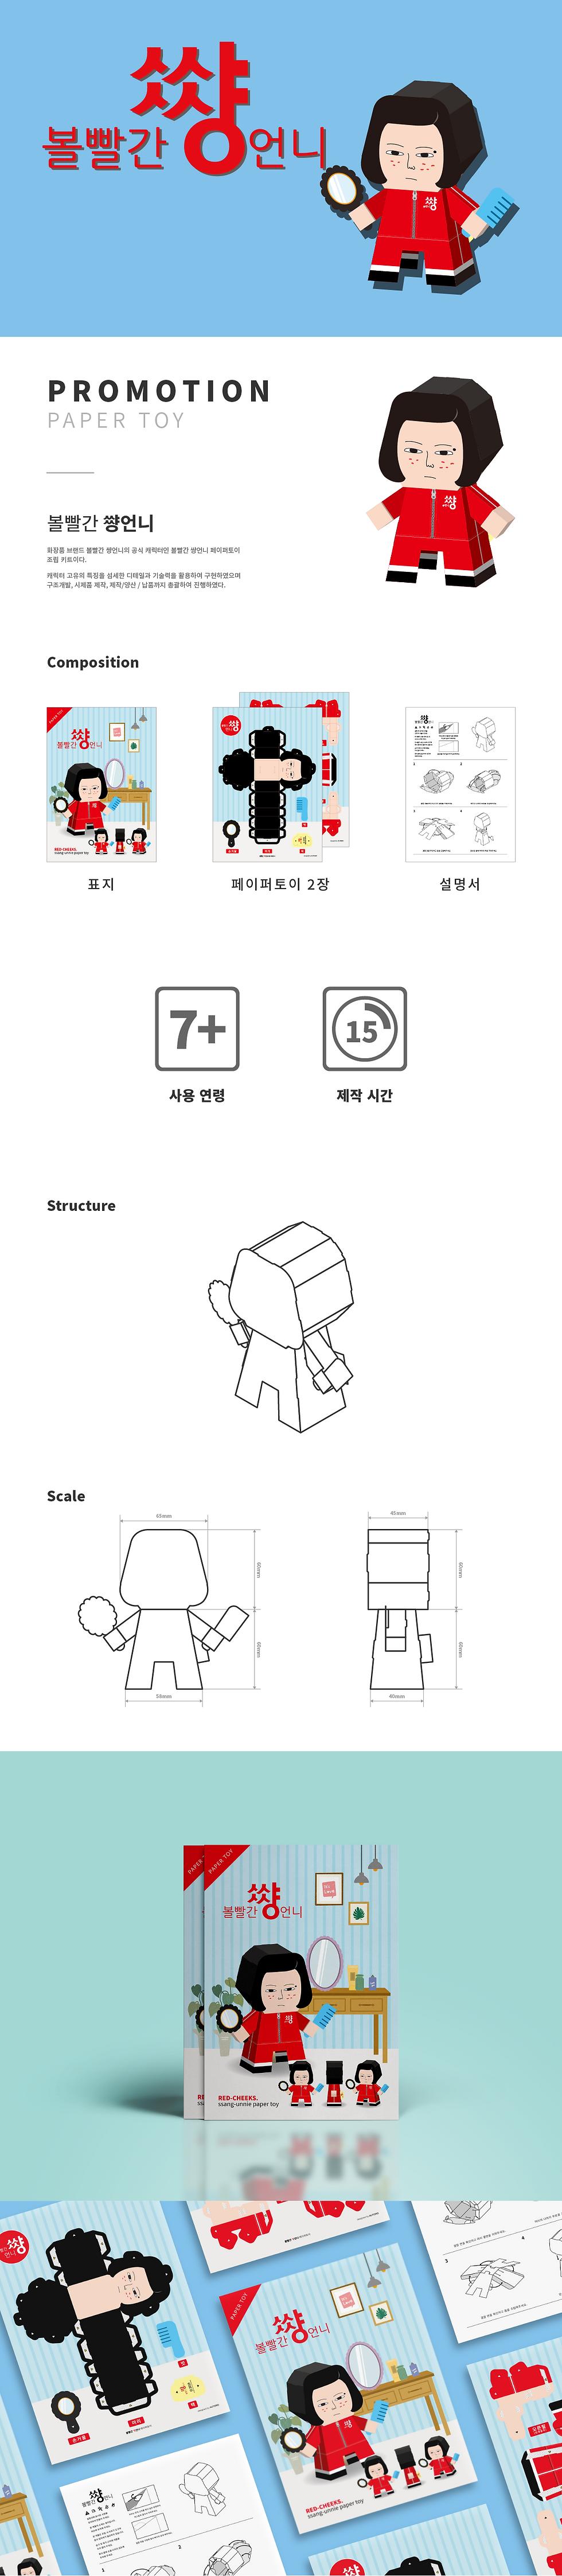 02-30. [2018] 나눔커뮤니케이션_썅언니_상세페이지.png